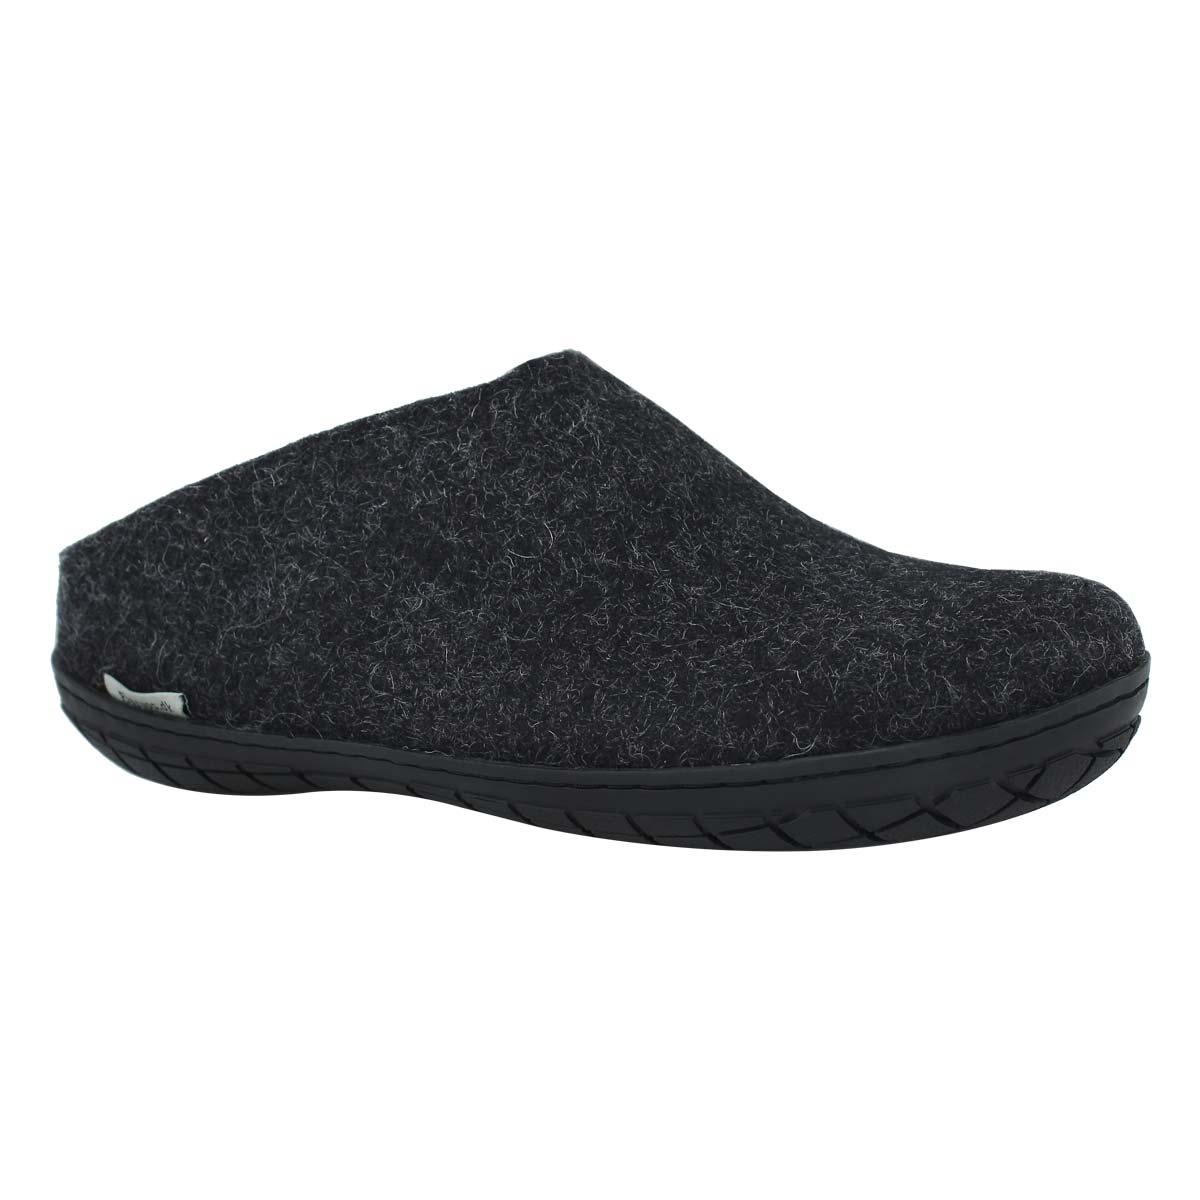 Lds Model BR black open back slippers